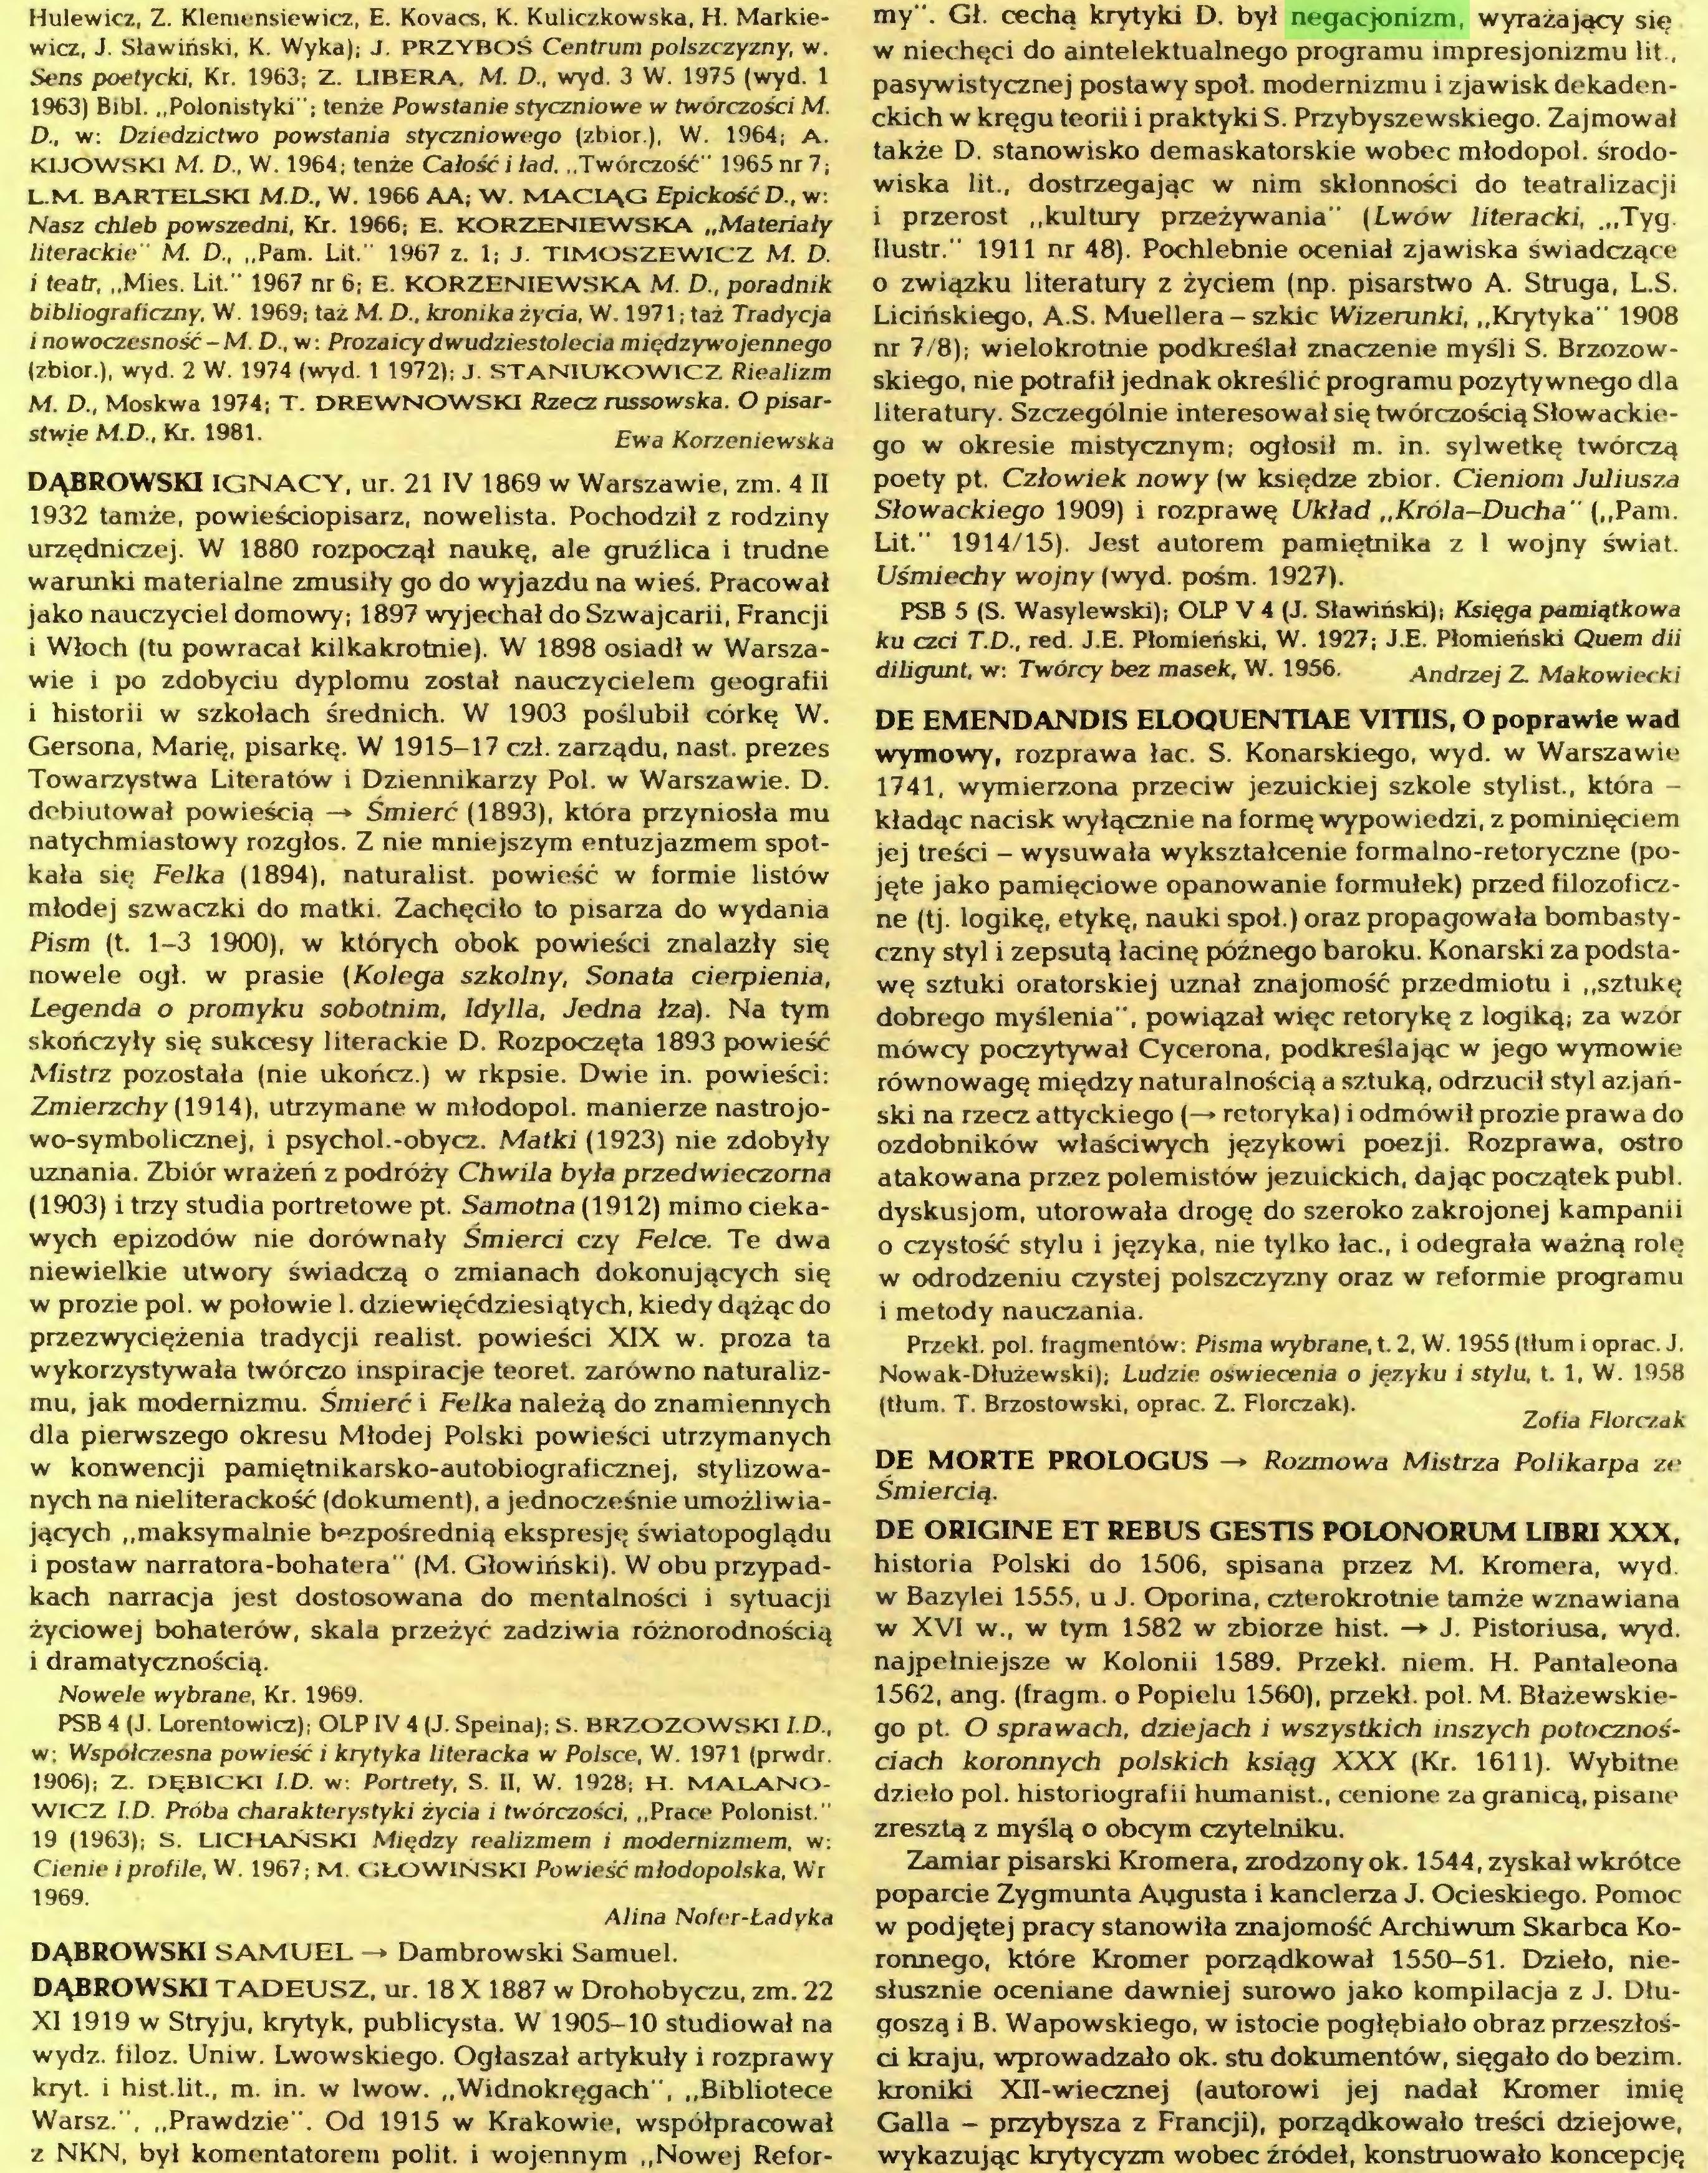 """(...) DĄBROWSKI TADEUSZ, ur. 18 X 1887 w Drohobyczu, zm. 22 XI 1919 w Stryju, krytyk, publicysta. W 1905-10 studiował na wydz. filoz. Uniw. Lwowskiego. Ogłaszał artykuły i rozprawy kryt. i hist.lit., m. in. w lwów. """"Widnokręgach"""", """"Bibliotece Warsz."""", """"Prawdzie"""". Od 1915 w Krakowie, współpracował z NKN, był komentatorem polit. i wojennym """"Nowej Refor¬ my"""". Gł. cechą krytyki D. był negacjonizm, wyrażający się w niechęci do aintelektualnego programu impresjonizmu lit., pasywistycznej postawy spot. modernizmu i zjawisk dekadenckich w kręgu teorii i praktyki S. Przybyszewskiego. Zajmował także D. stanowisko demaskatorskie wobec młodopol. środowiska lit., dostrzegając w nim skłonności do teatralizacji i przerost """"kultury przeżywania"""" (Lwów literacki, .""""Tyg..."""